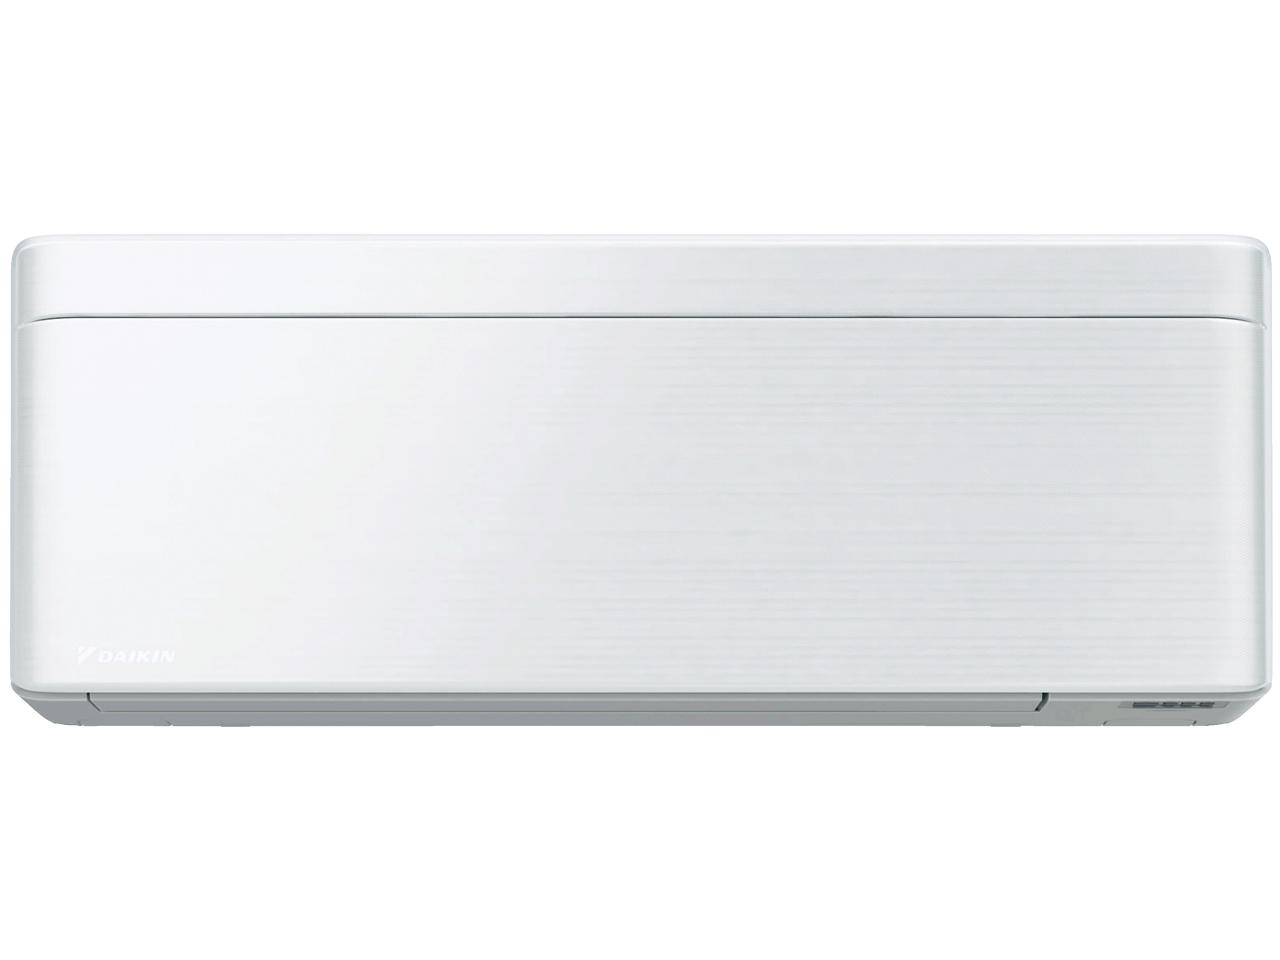 ダイキン S63WTSXP-F 19年モデル SXシリーズ 【200V用】20畳用冷暖房除湿エアコン